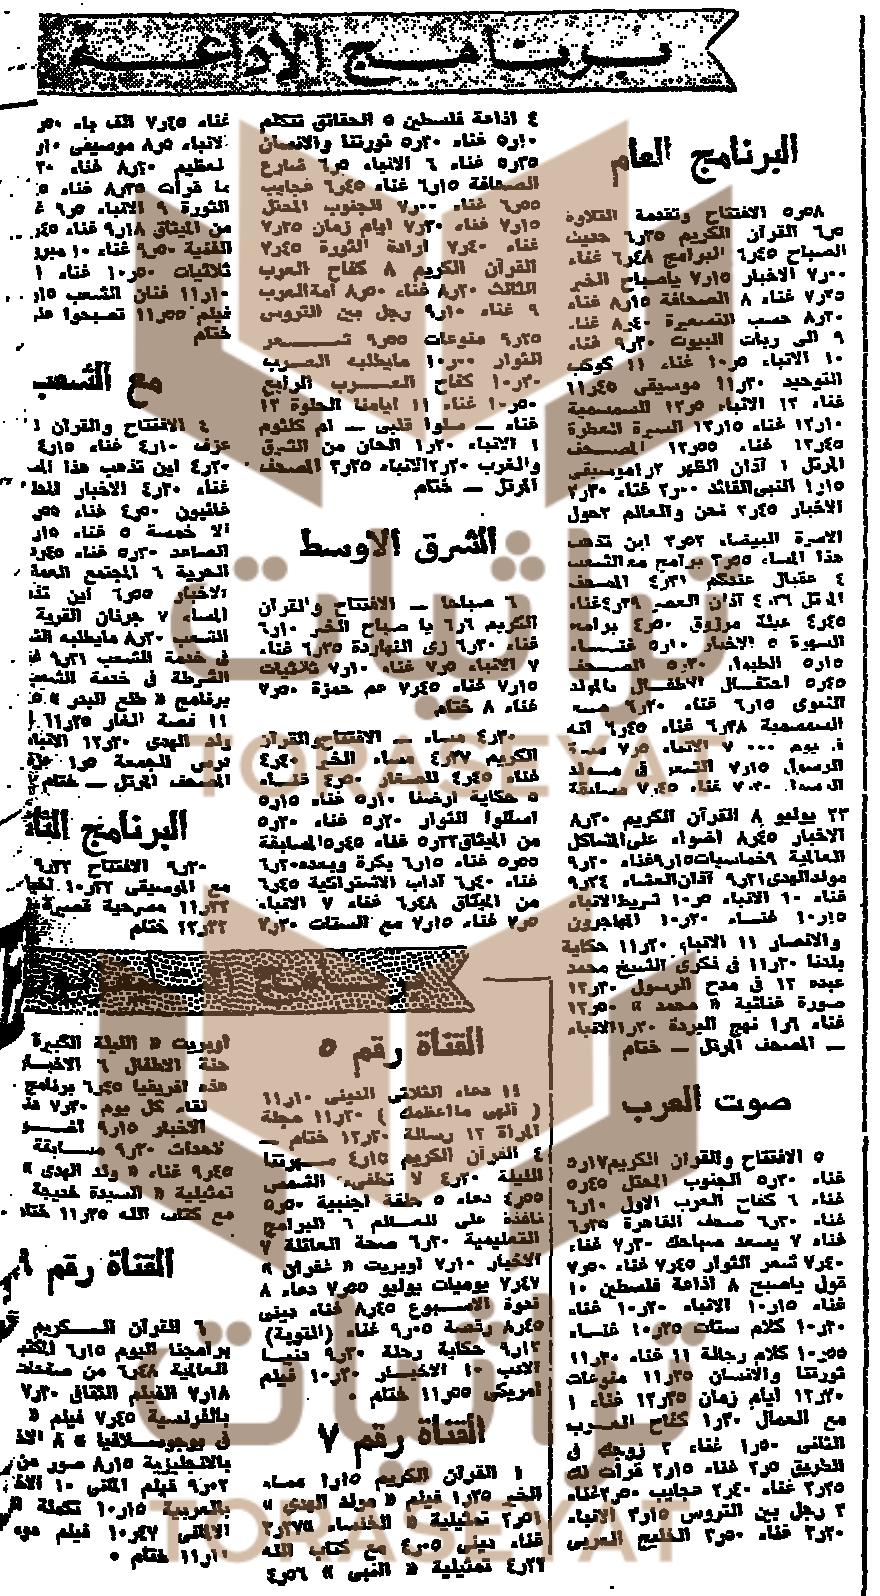 فقرات الإذاعة والتلفزيون في المولد النبوي يوم 11 يوليو 1965